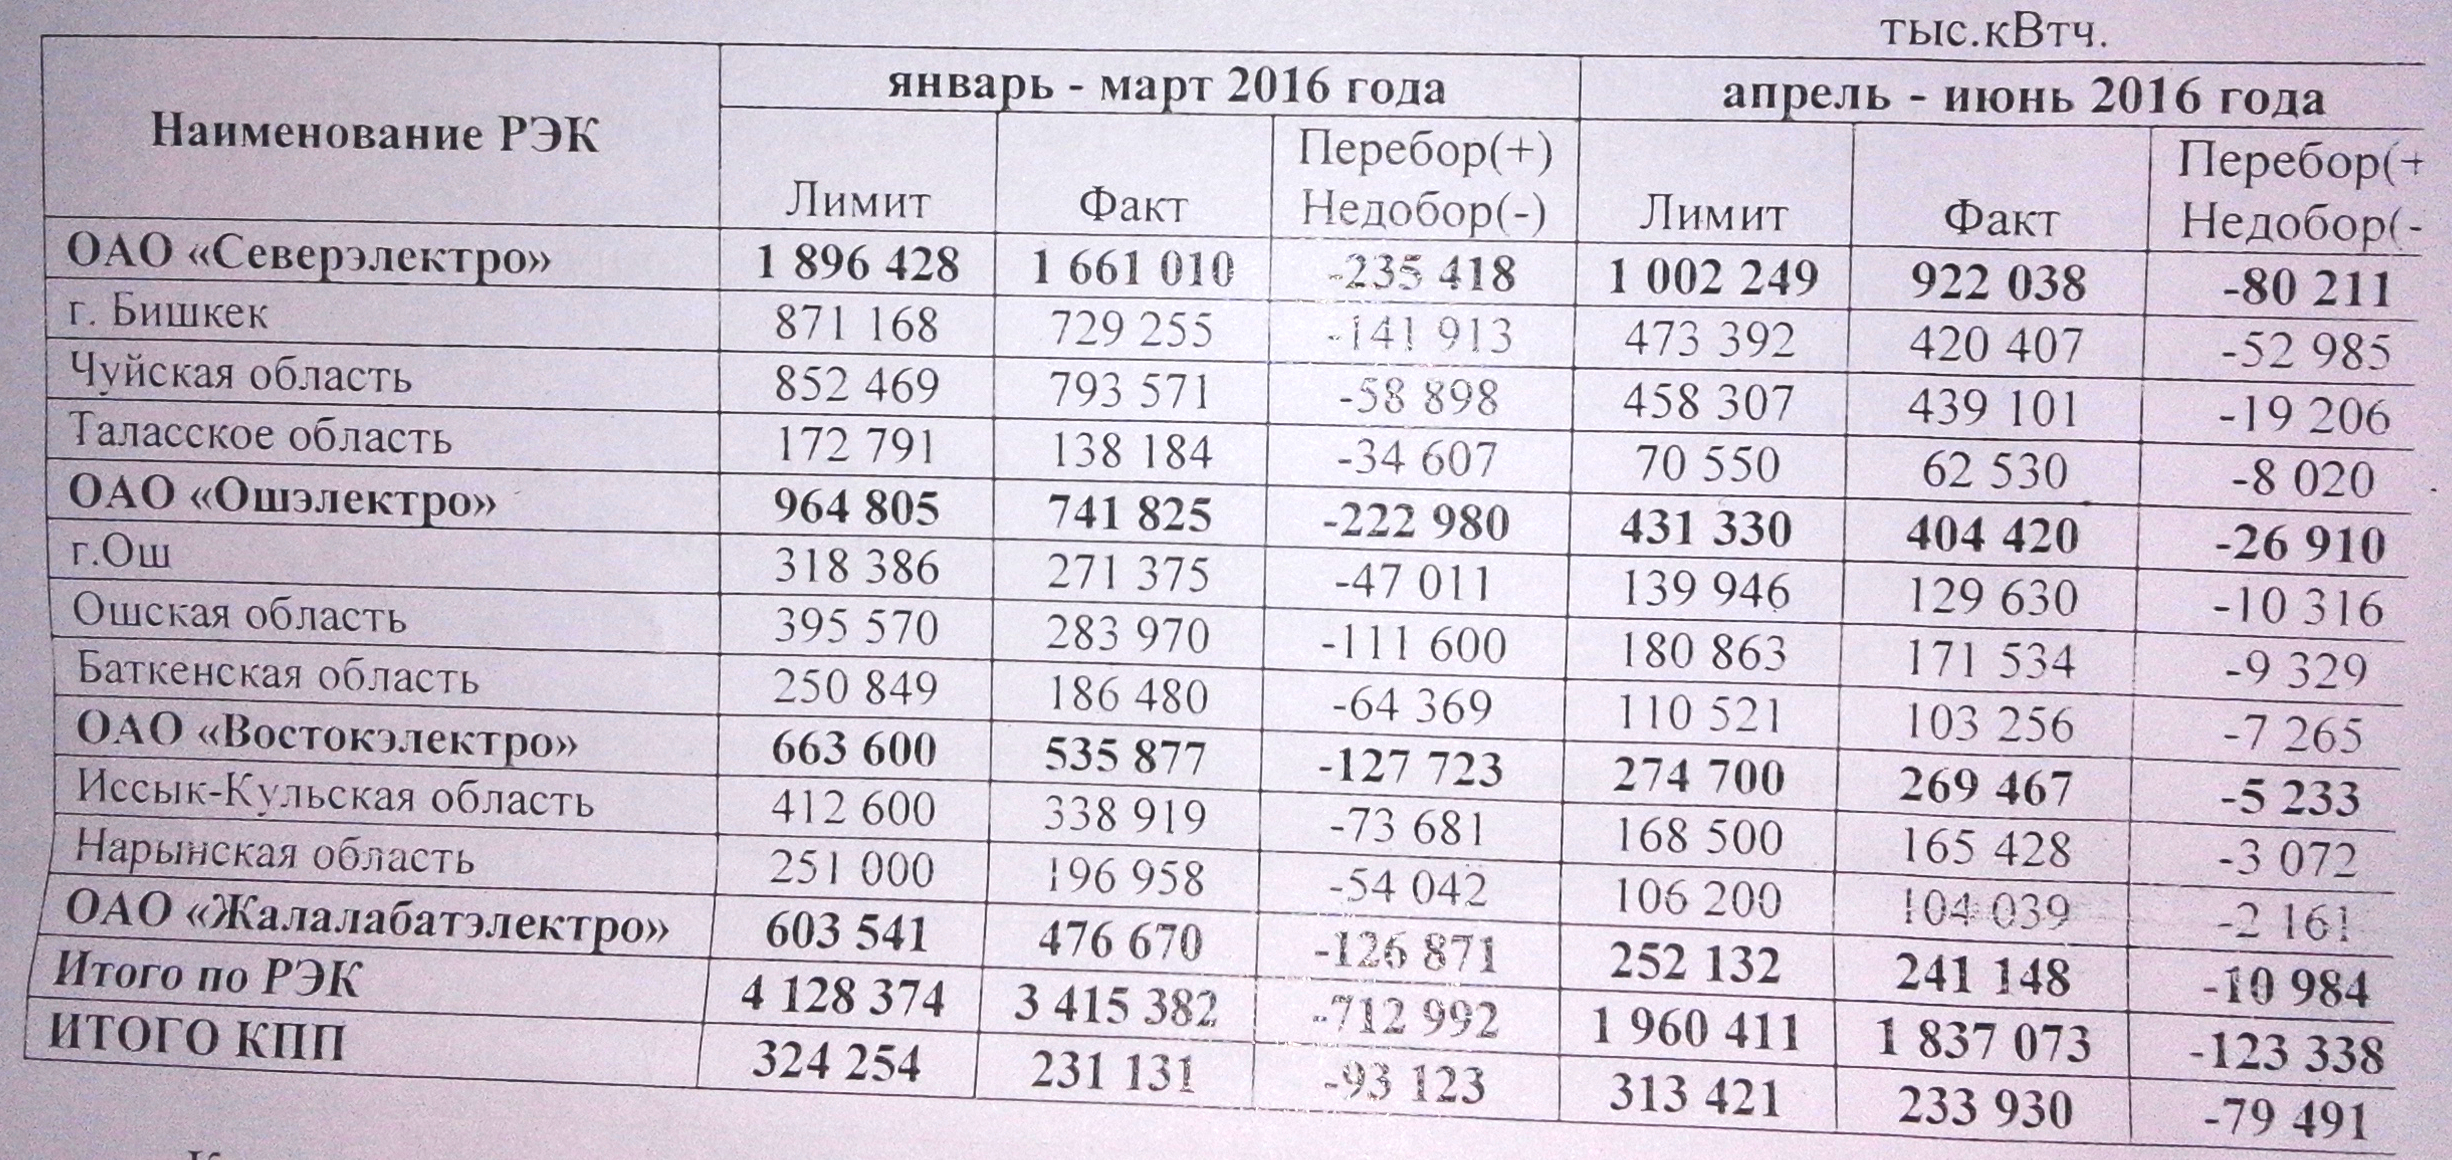 За апрель-июнь экономия электроэнергии по КР составила 123,3 млн кВт.ч